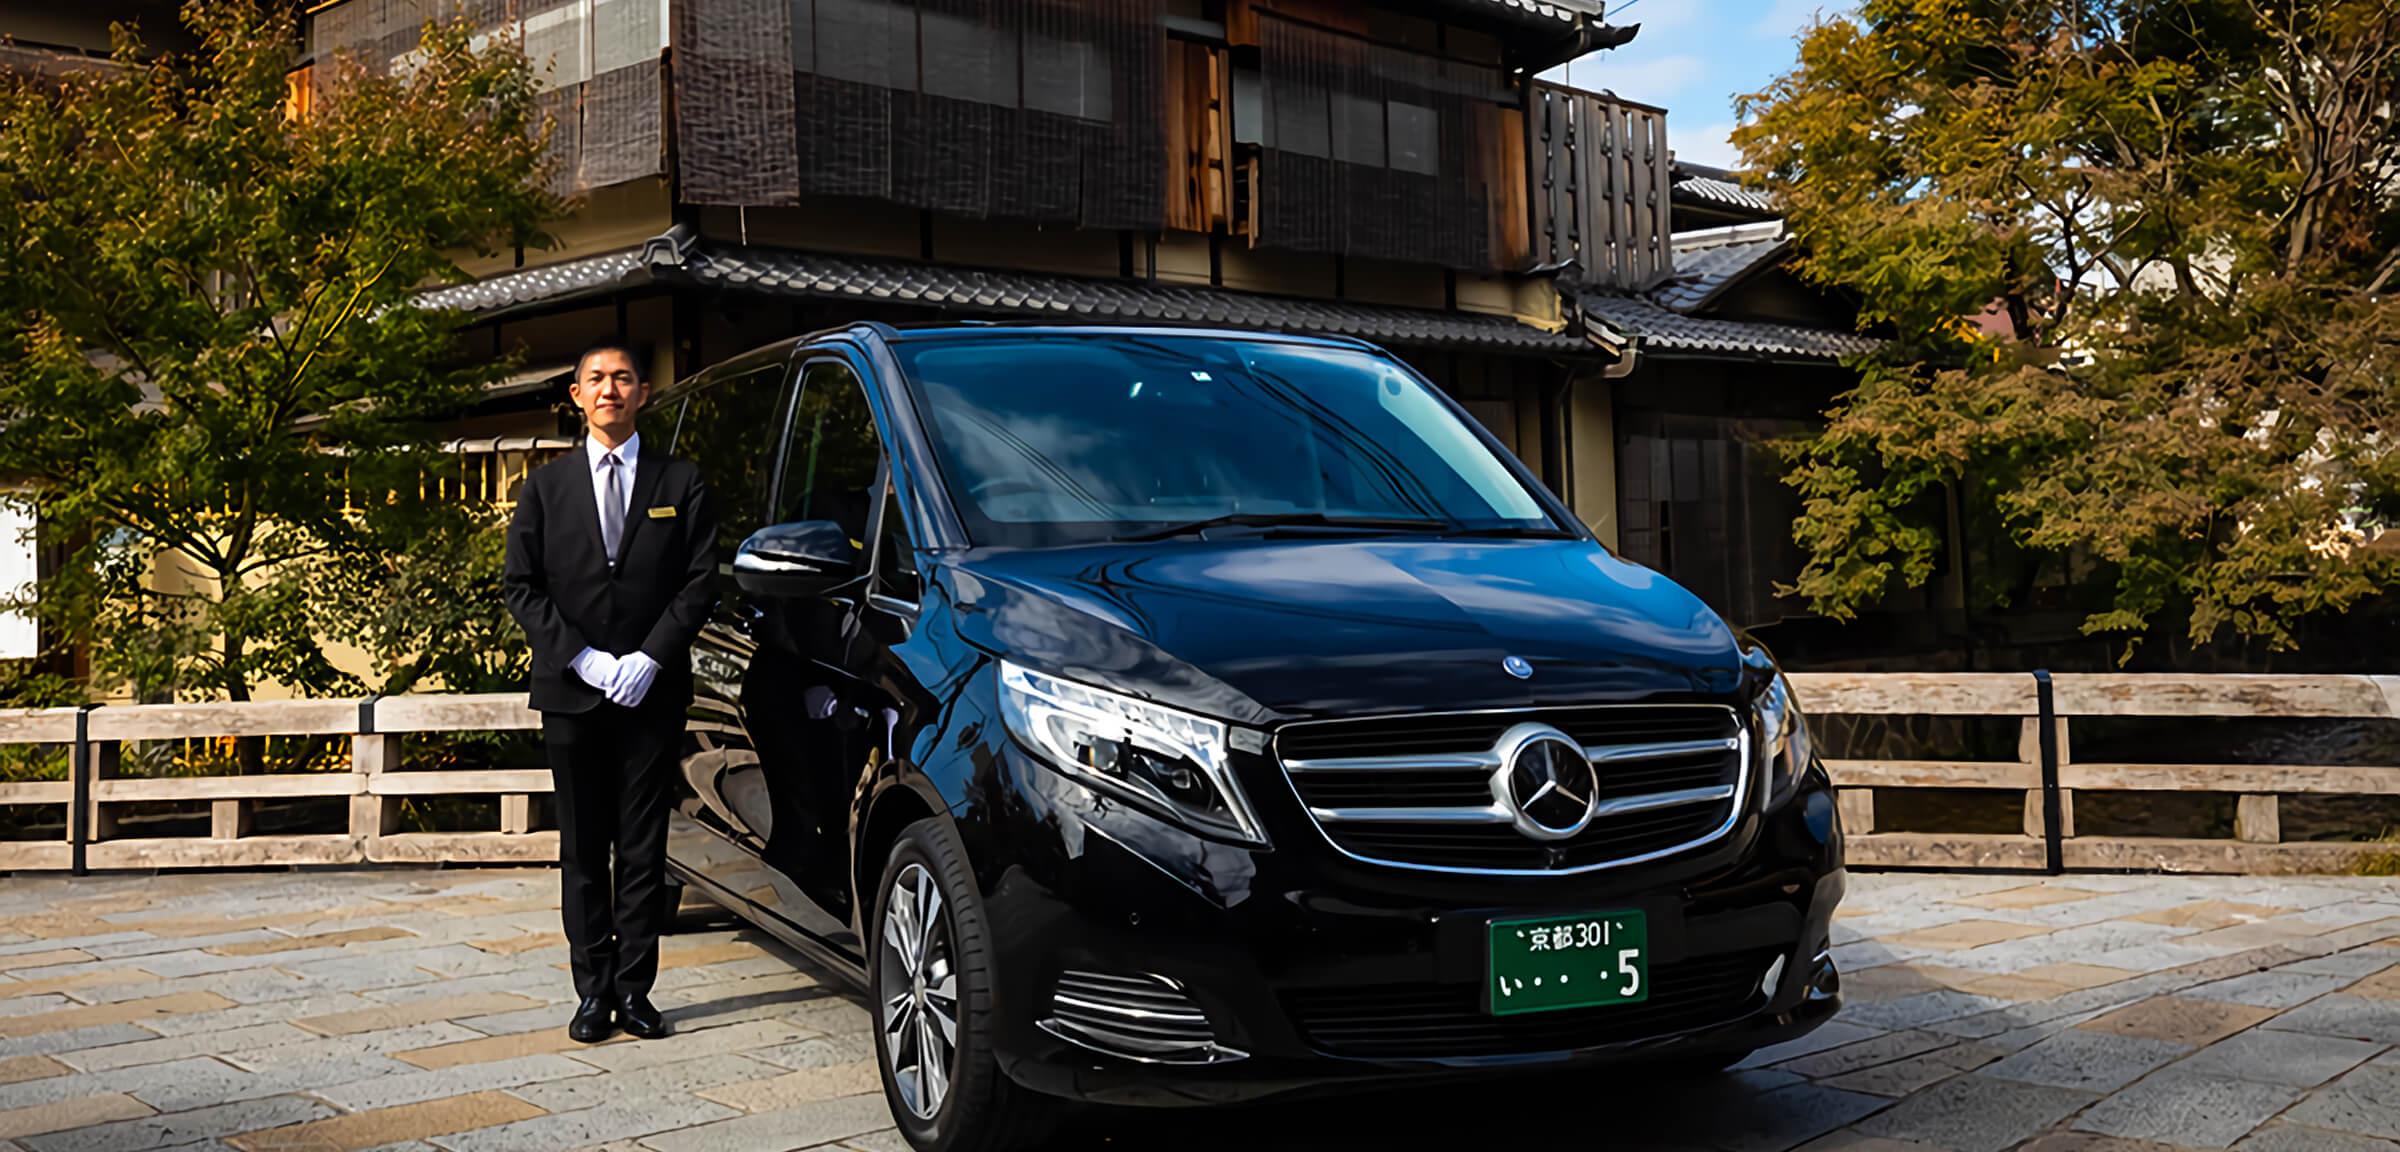 MKタクシー貸切の京都観光